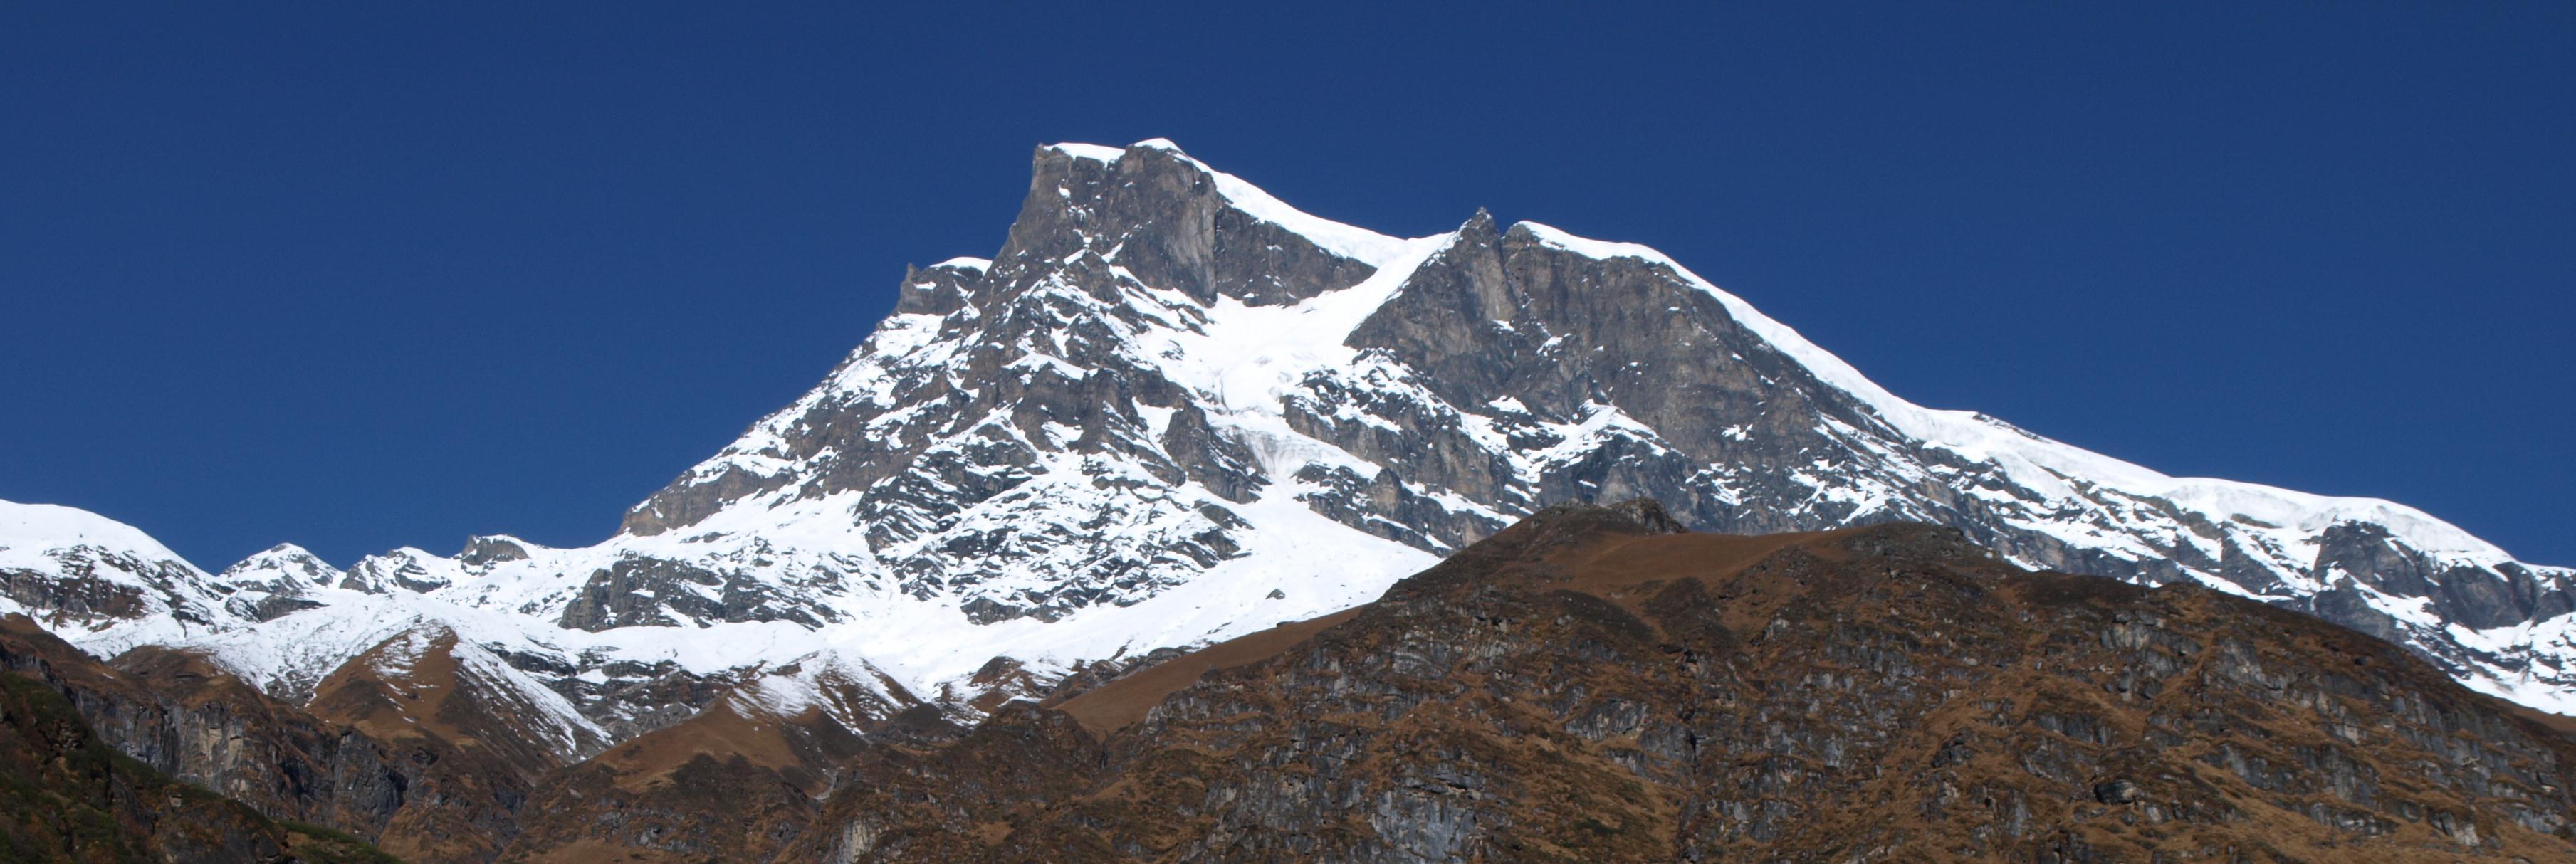 Mount Baljuri Peak Climbing Expedtion